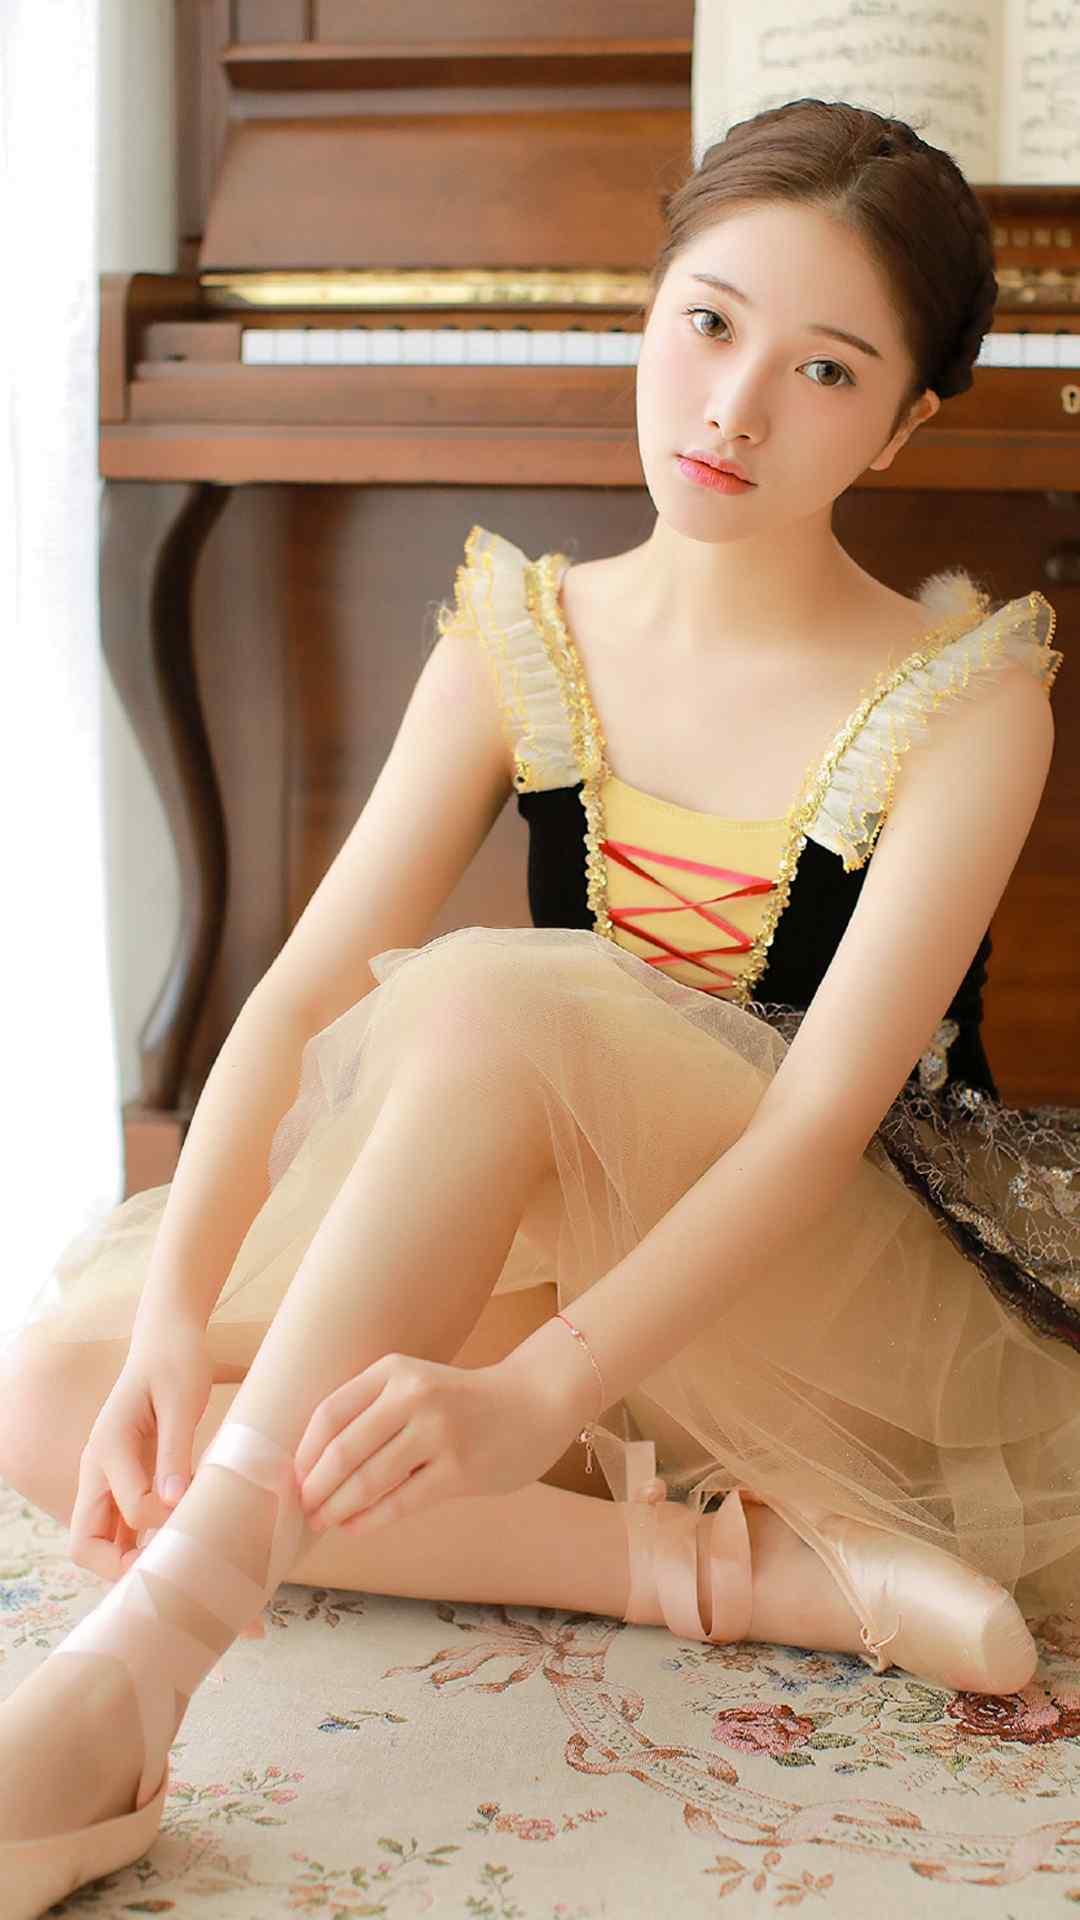 性感美女图片素材芭蕾女孩唯美写真高清手机壁纸